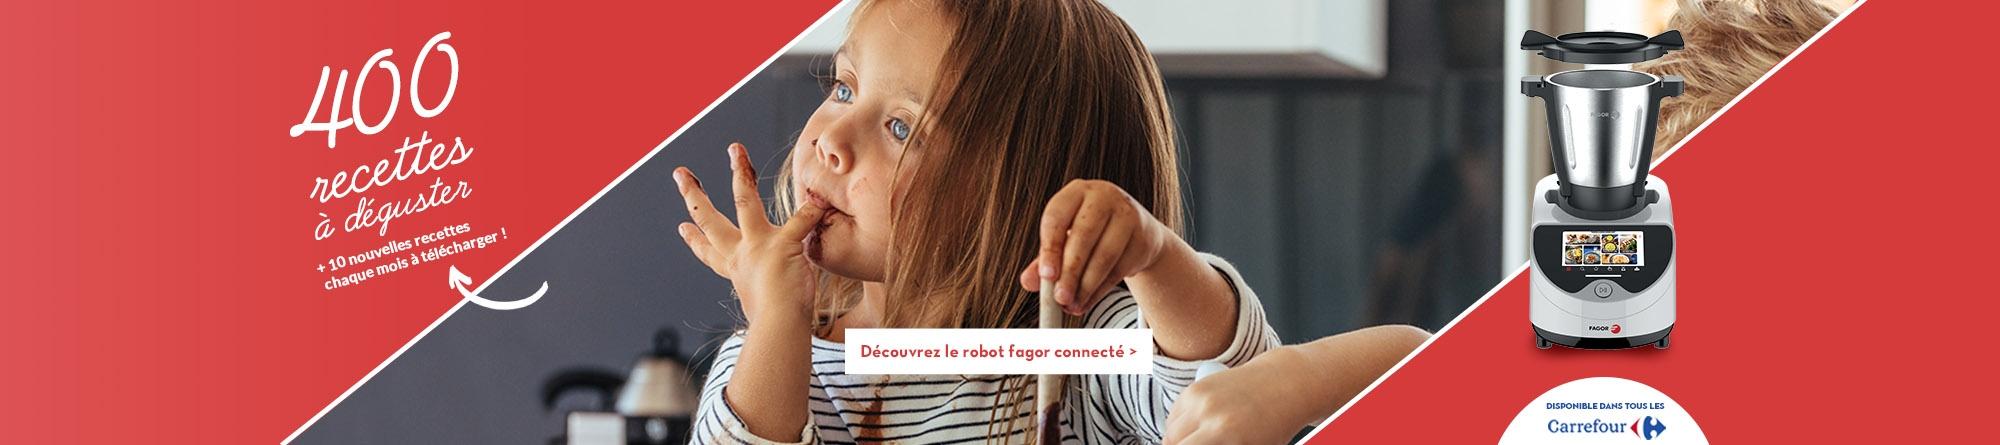 Robot cuiseur multifonctions Fagor connecté